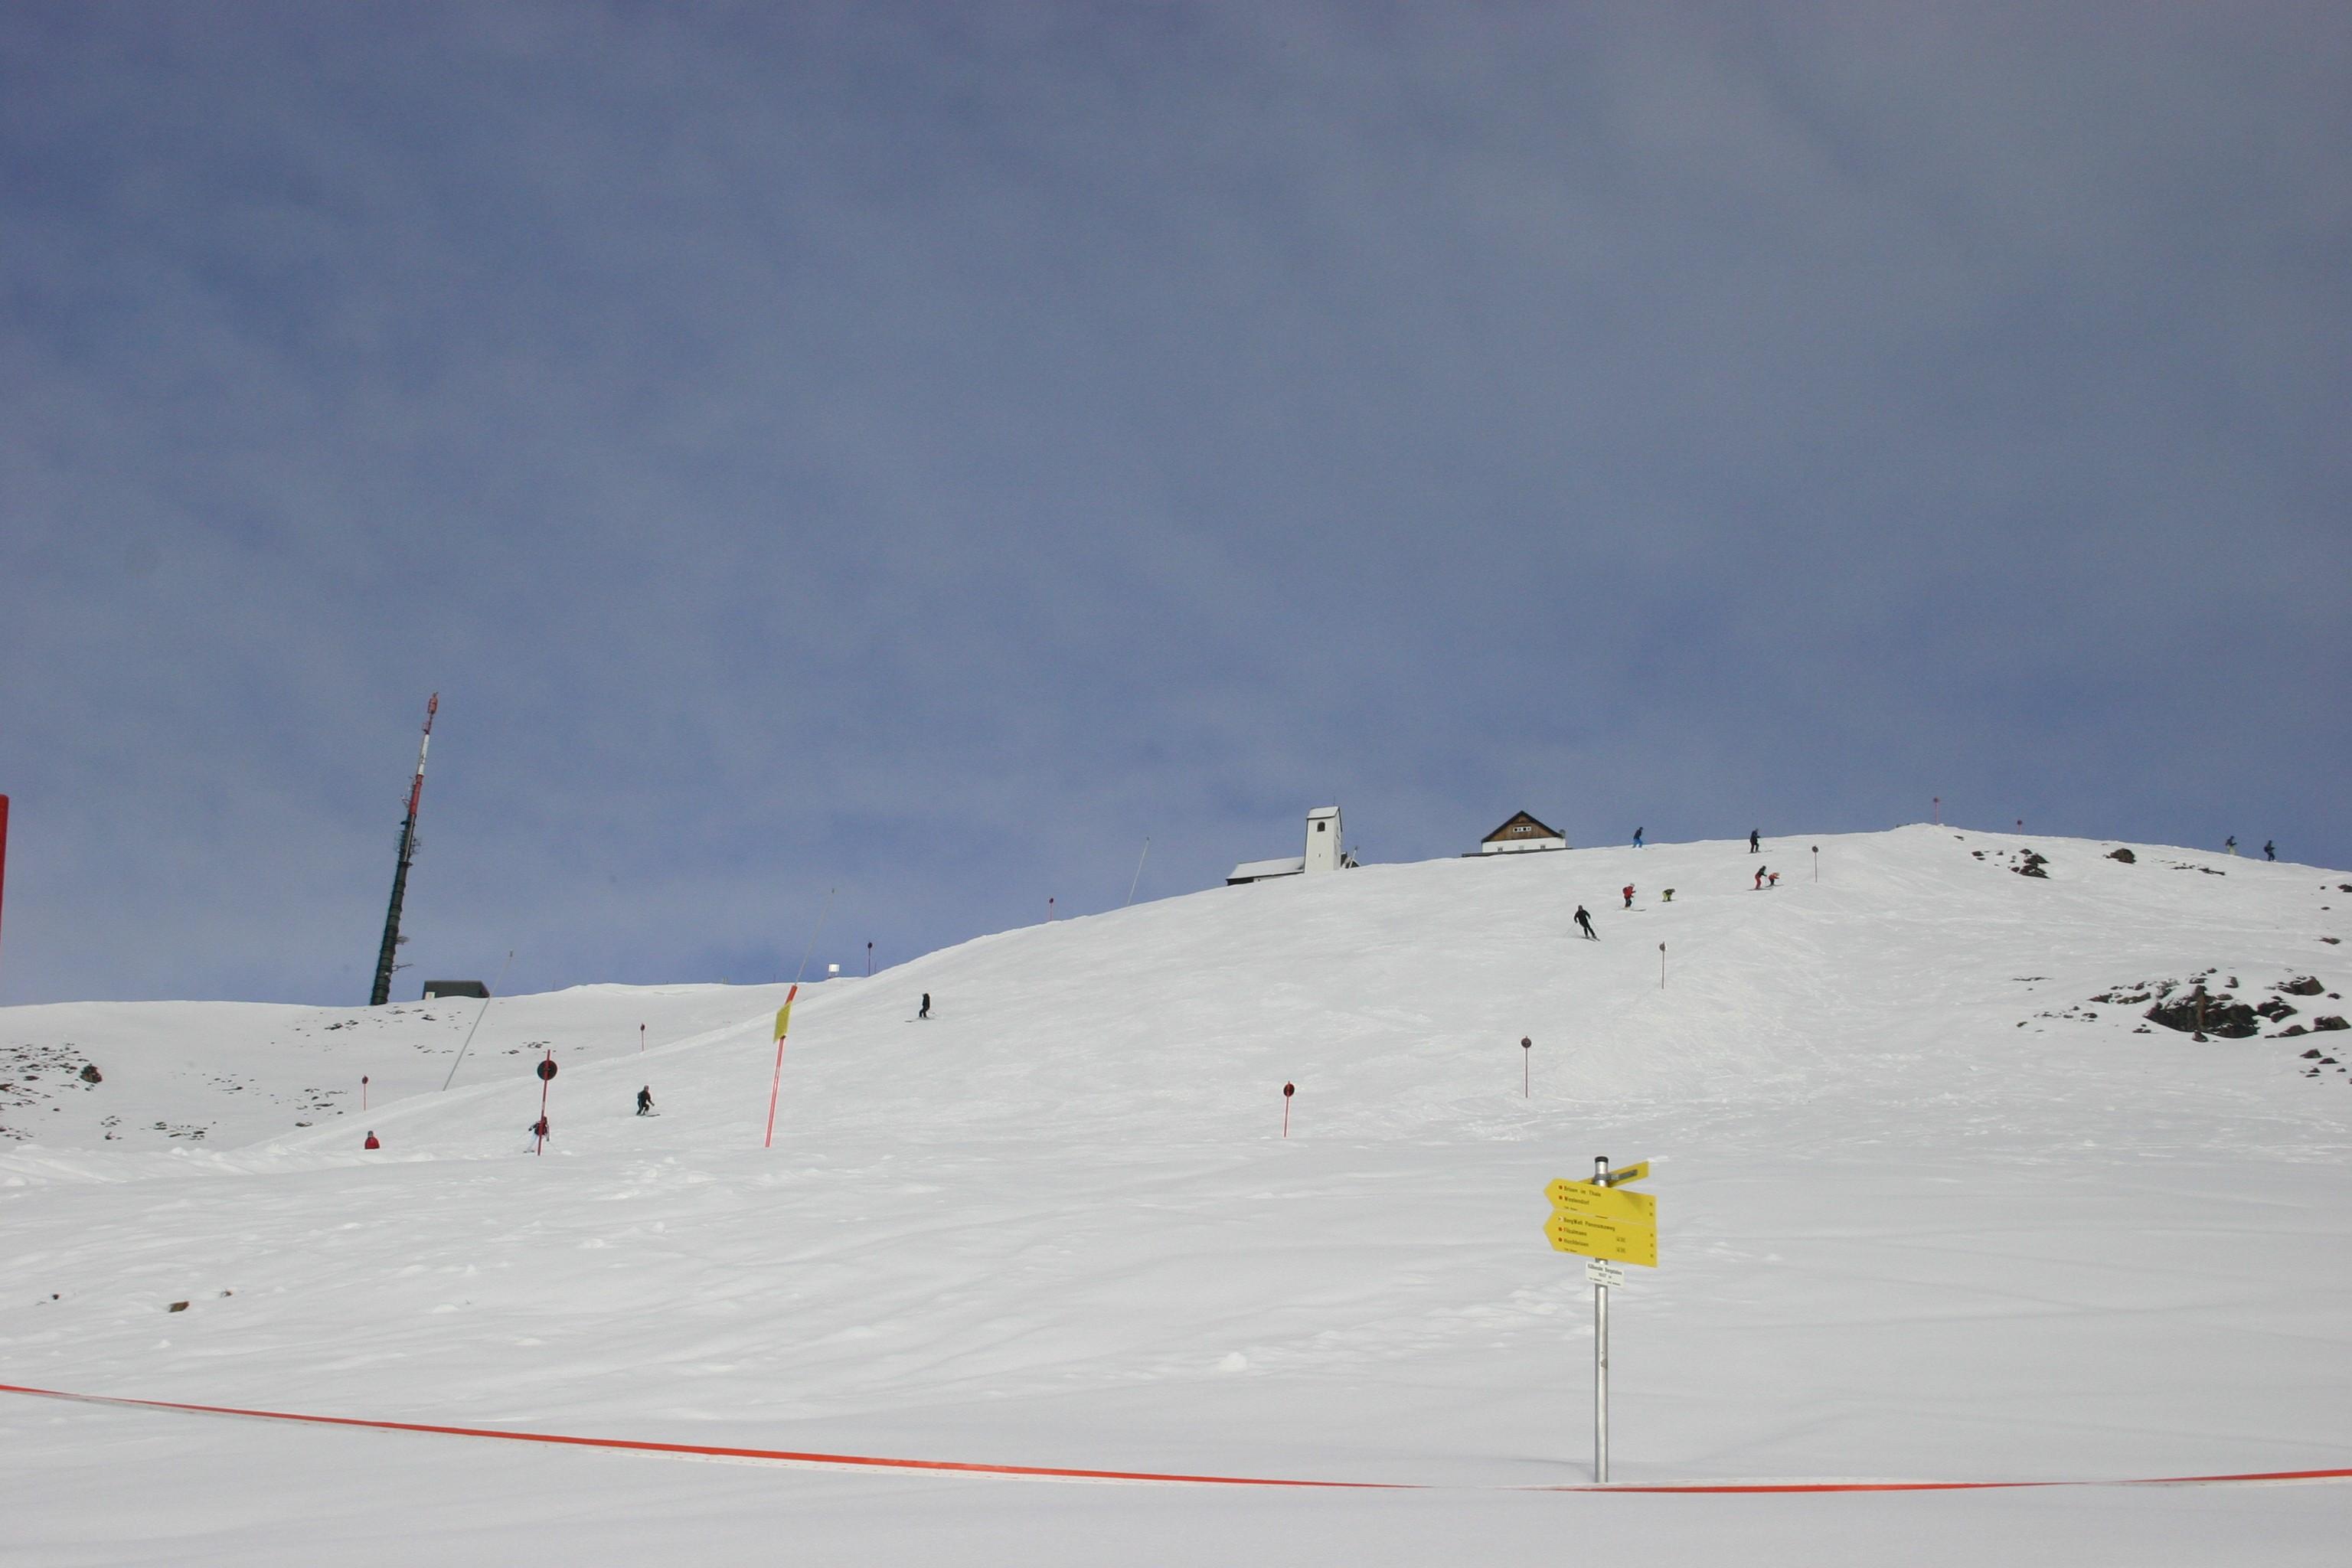 Kitzbüheler Alpen 387 - Dag 7